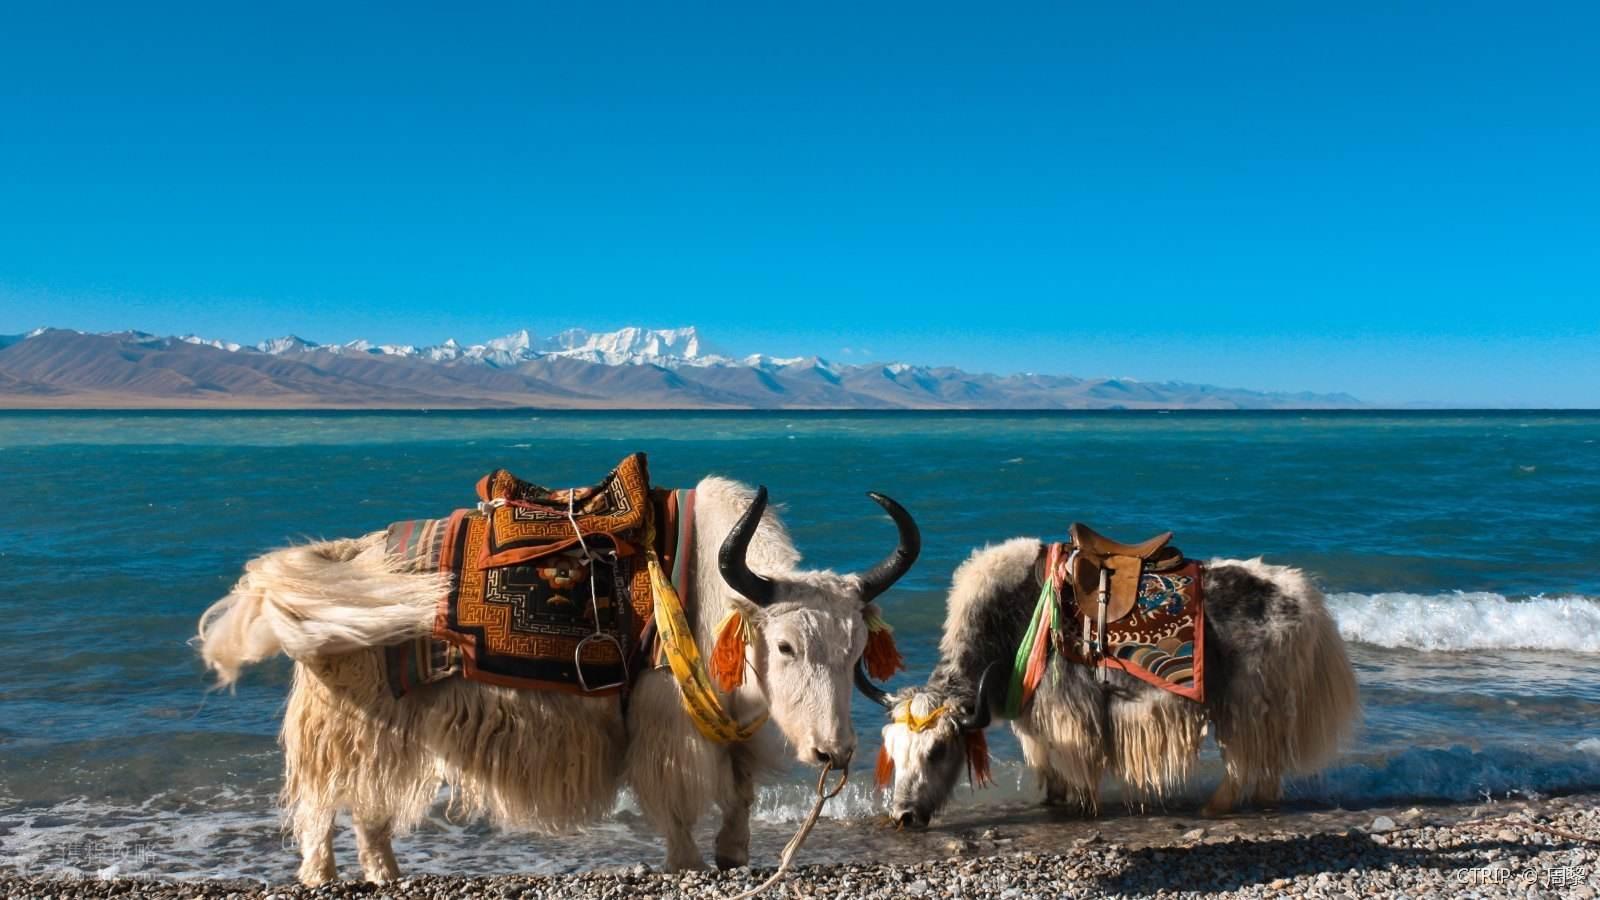 第一次去西藏要注意什么,第一次进藏要准备什么